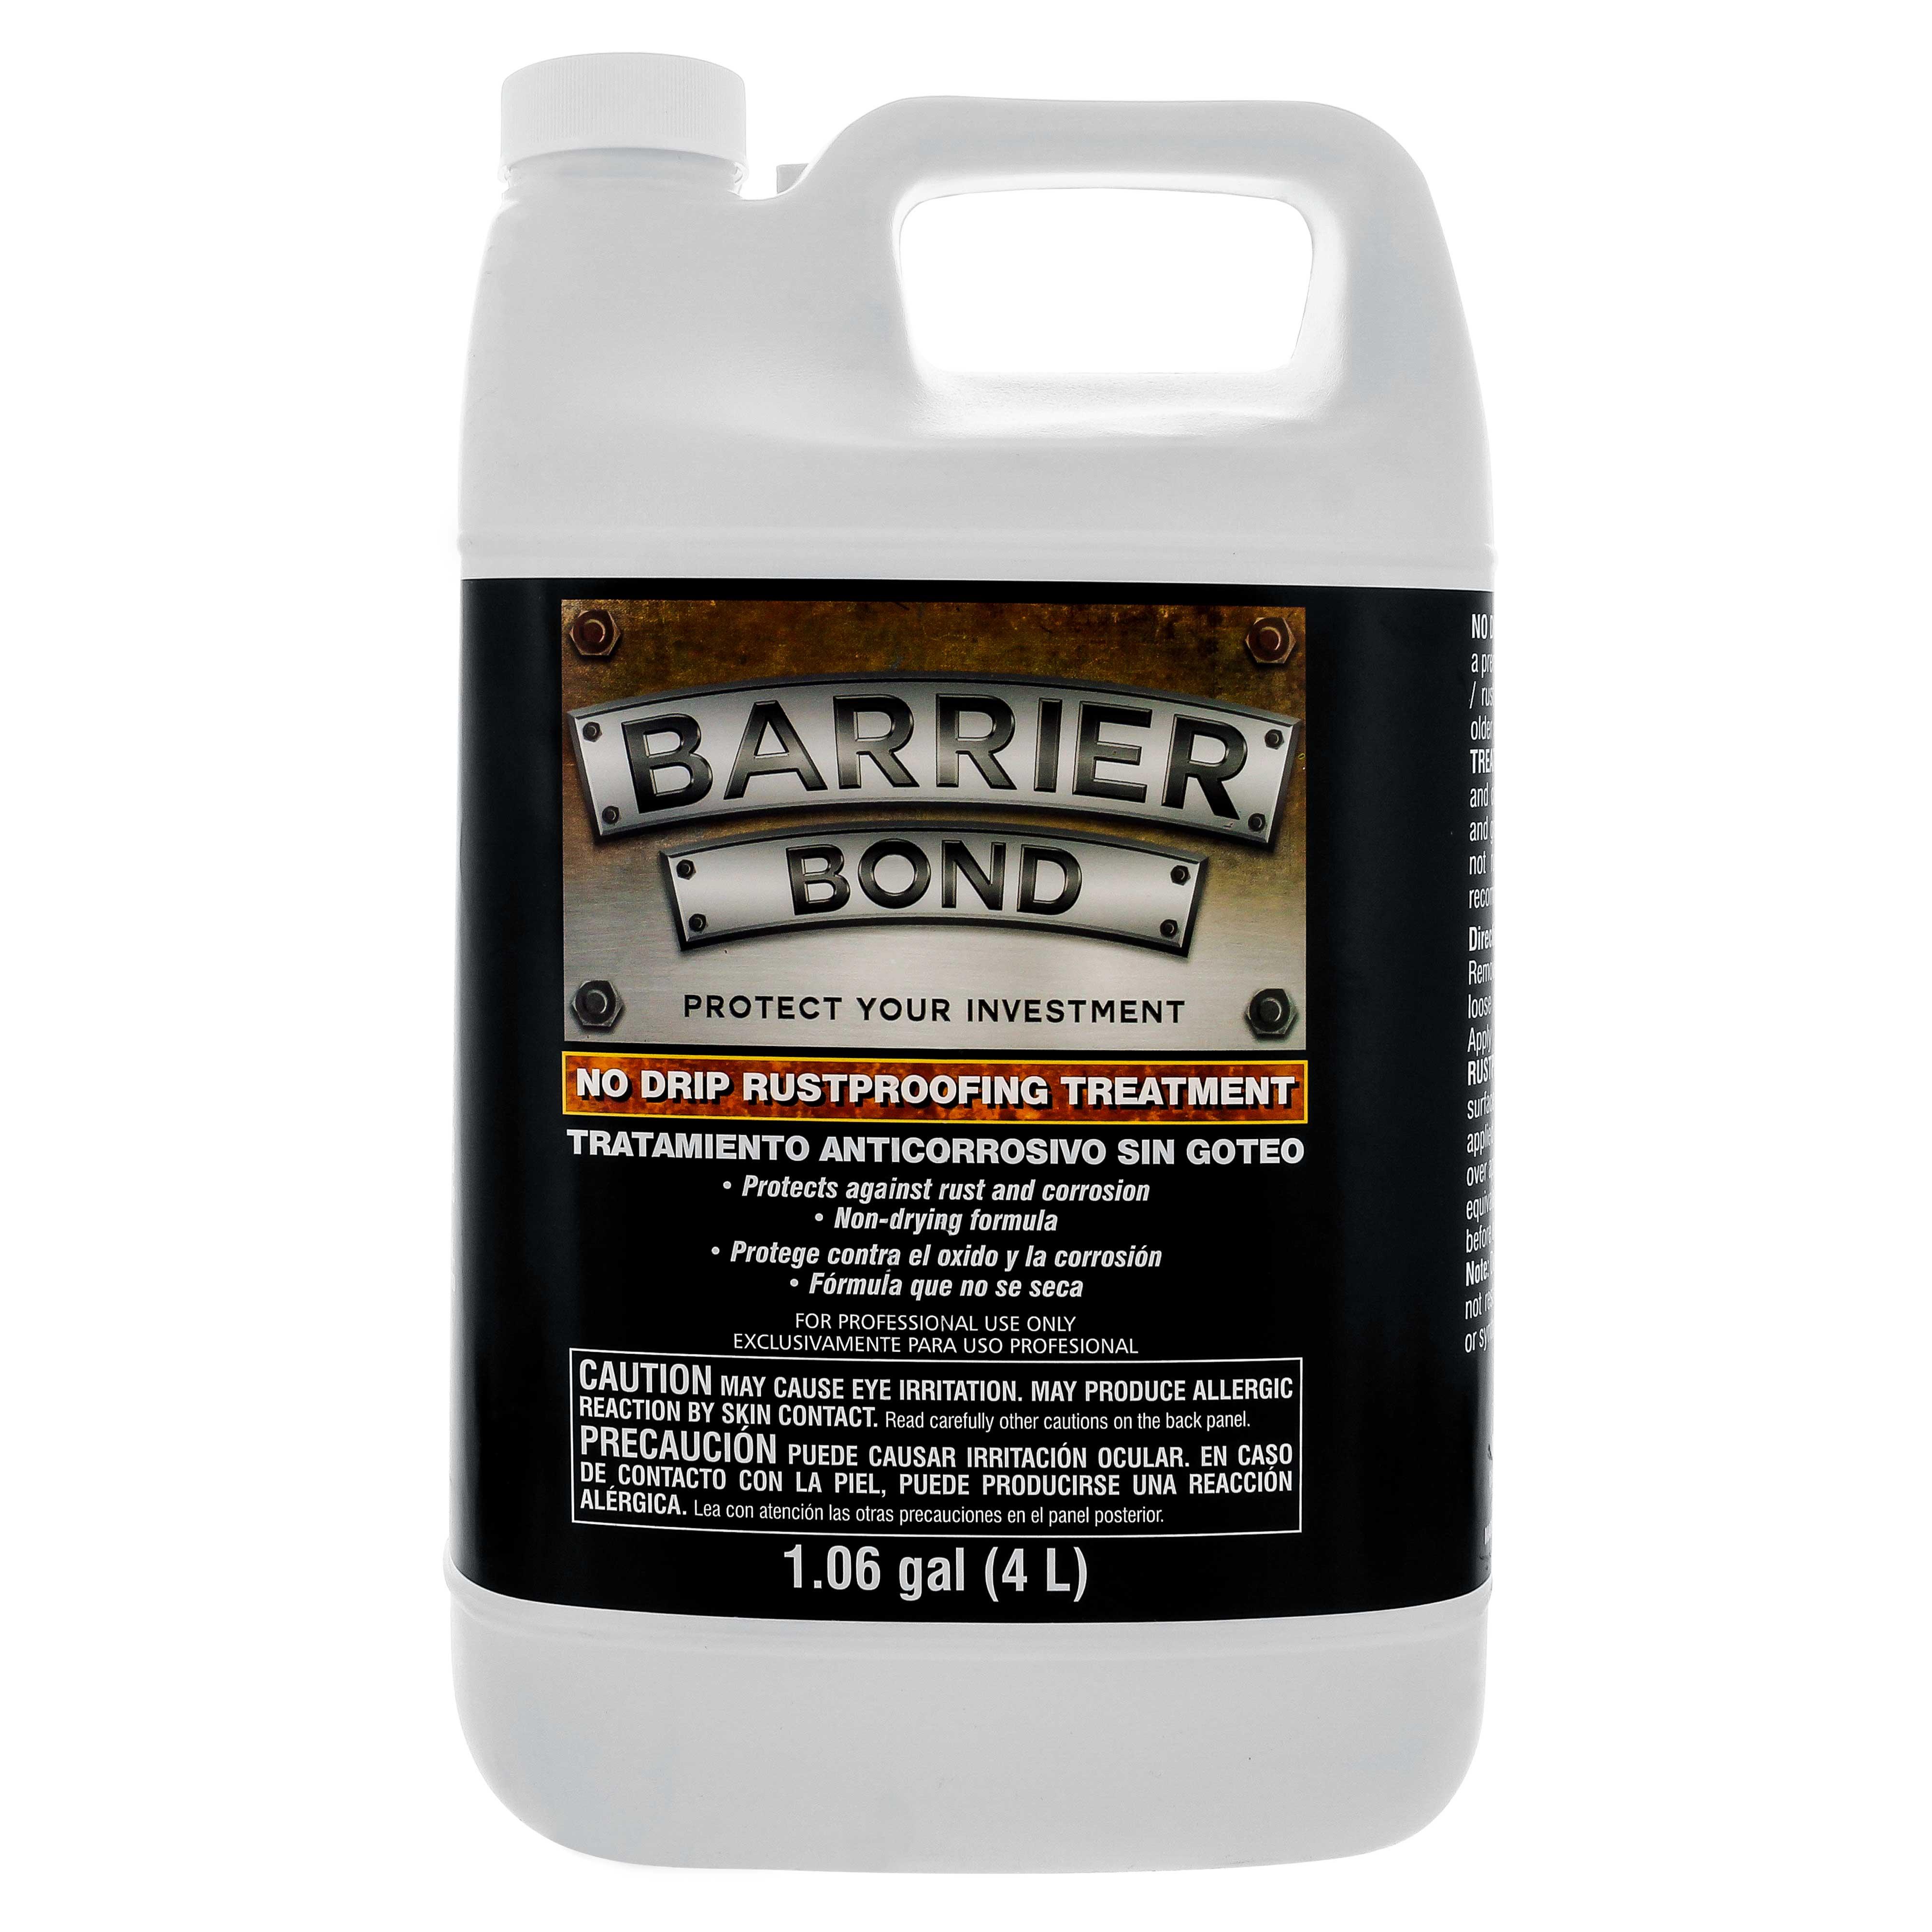 Barrier Bond